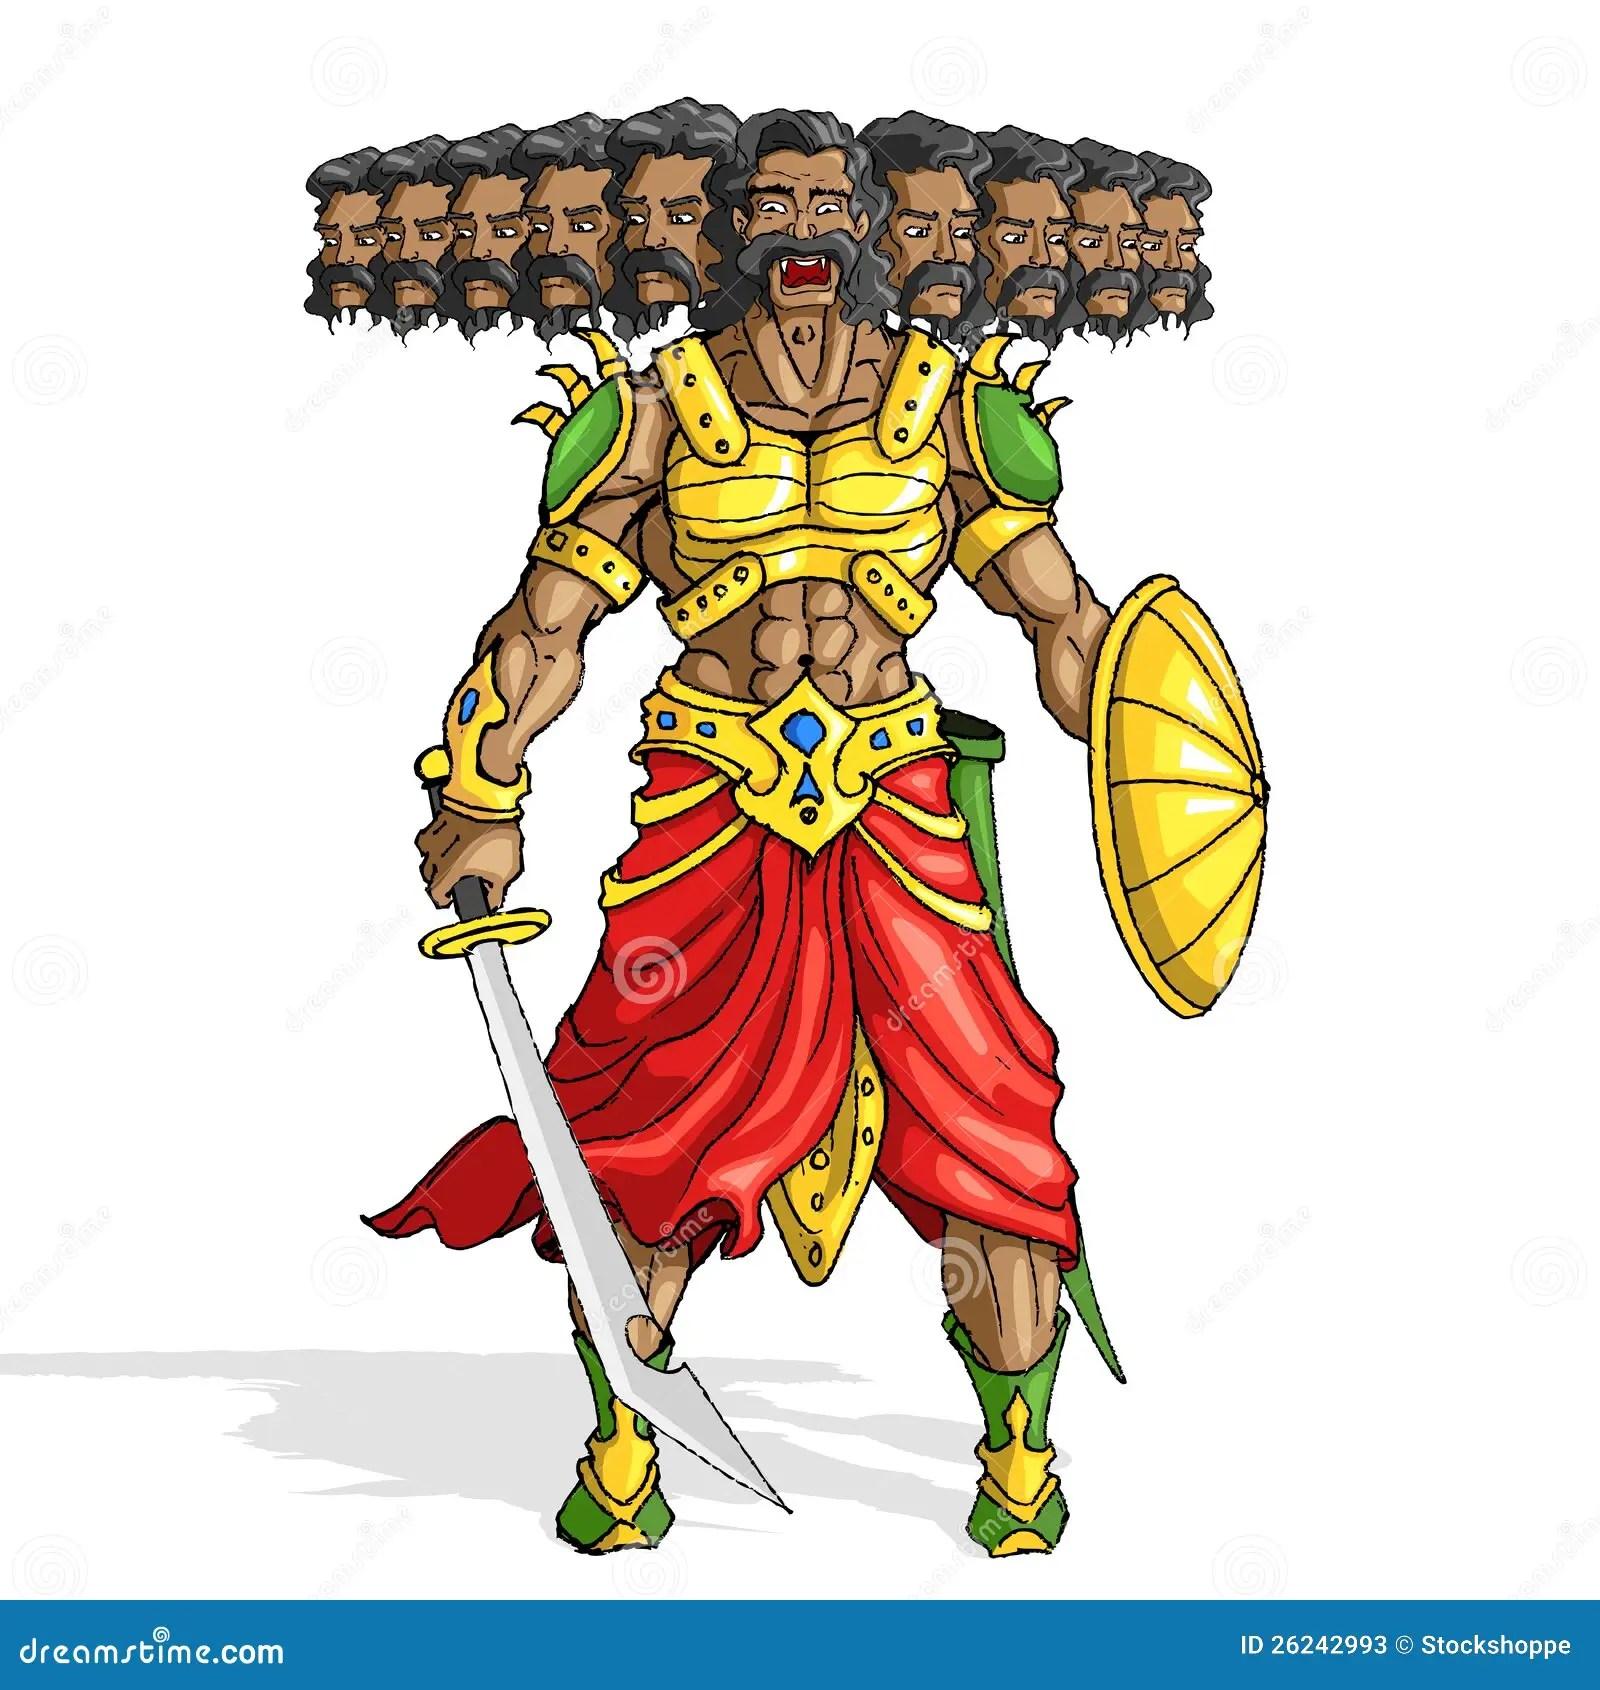 Ravan 3d Wallpaper Raavana With Ten Heads Stock Photos Image 26242993